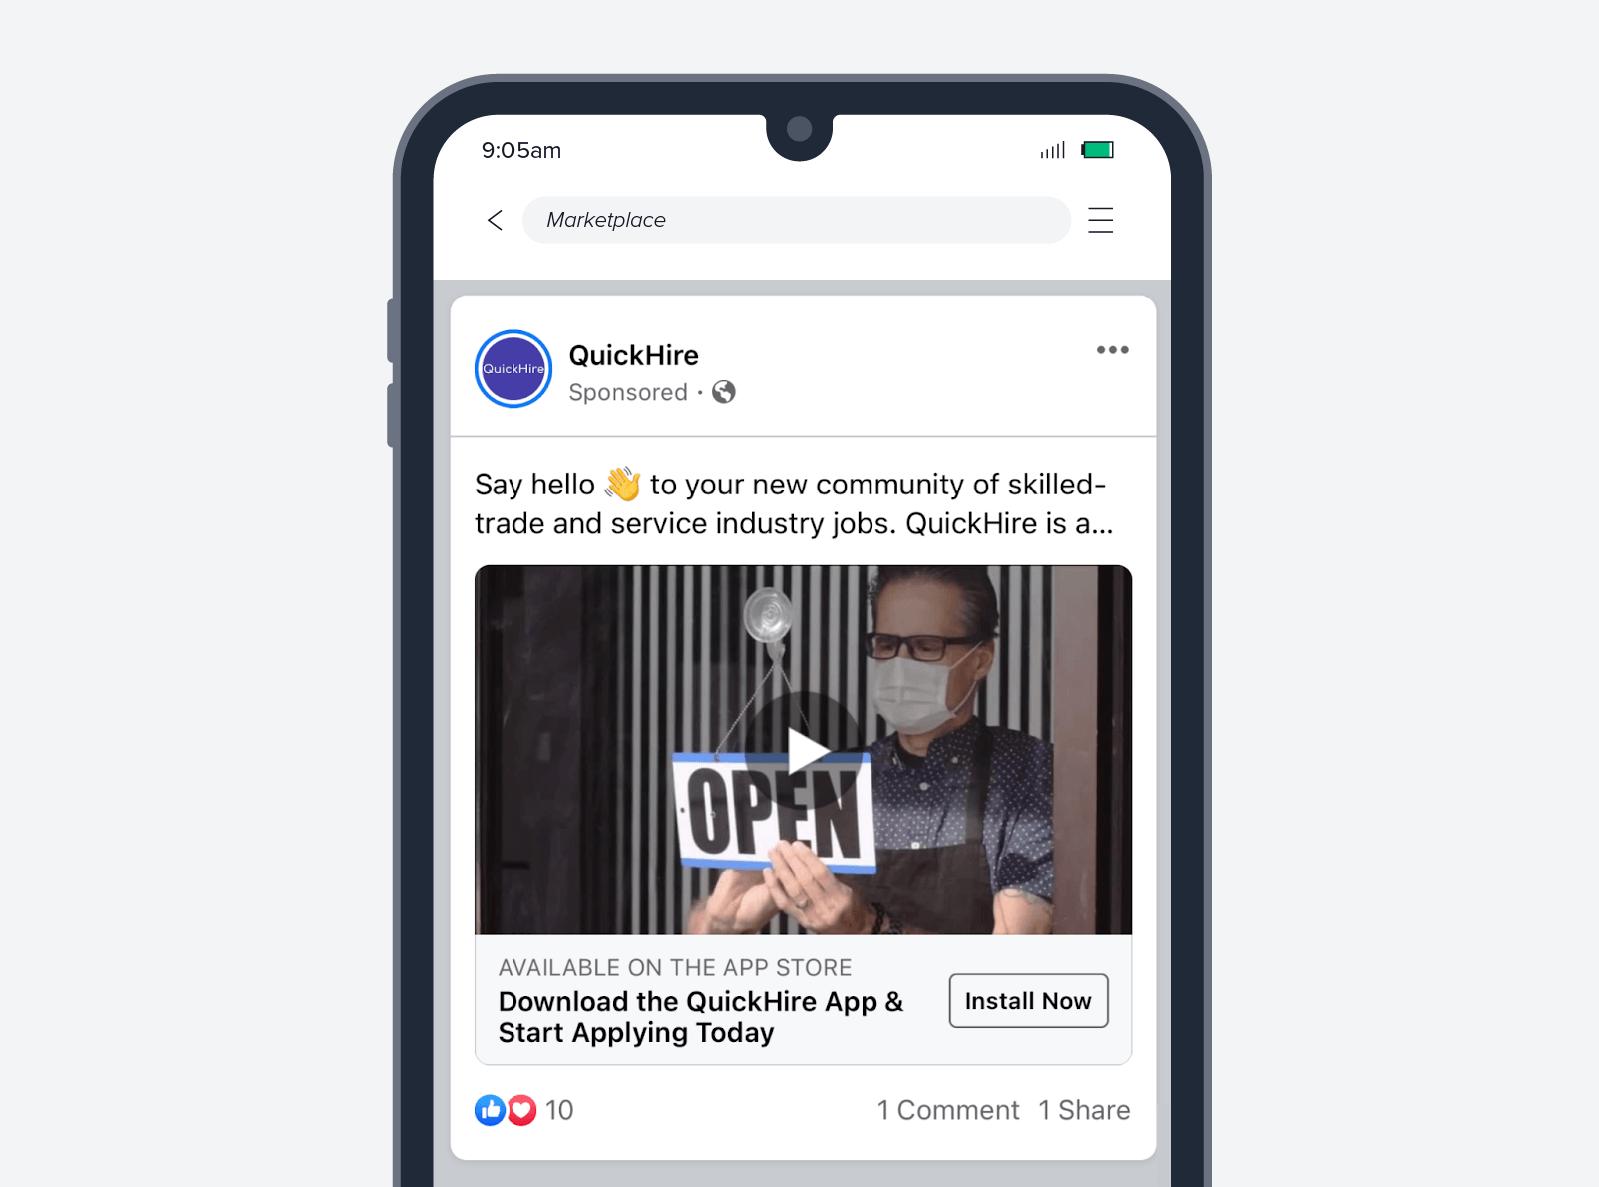 Quickhire app install ad screenshot